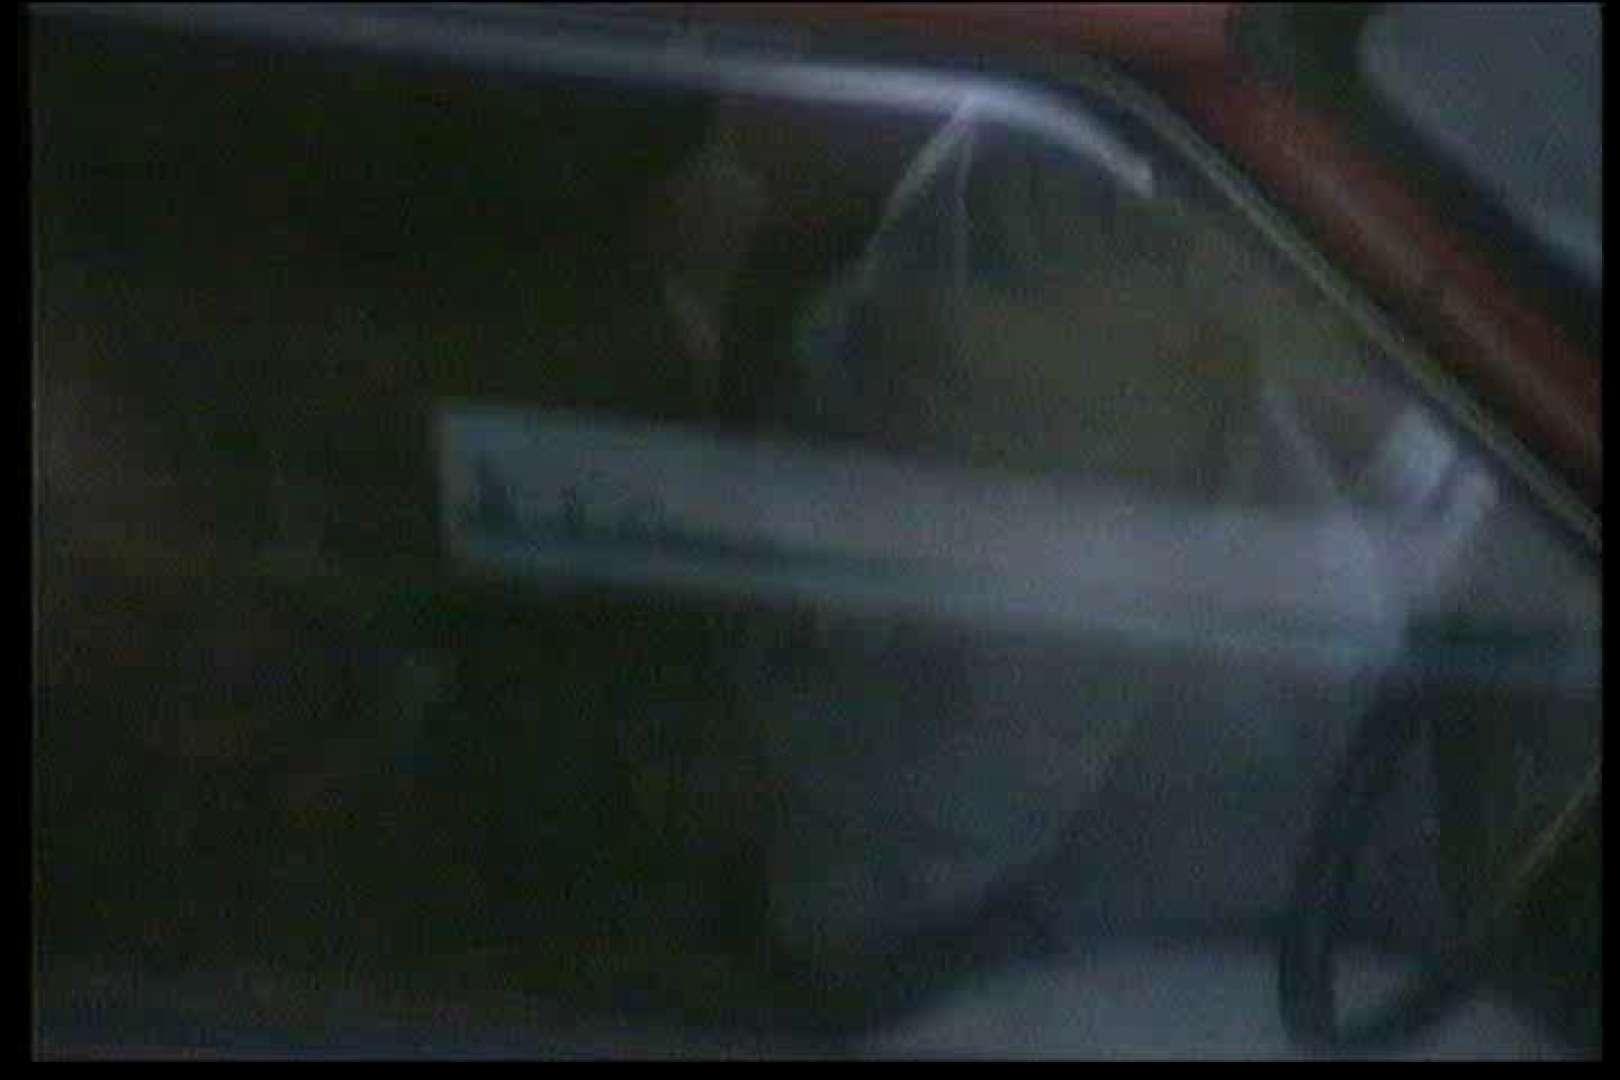 車の中はラブホテル 無修正版  Vol.12 エッチなセックス 盗撮動画紹介 93画像 27